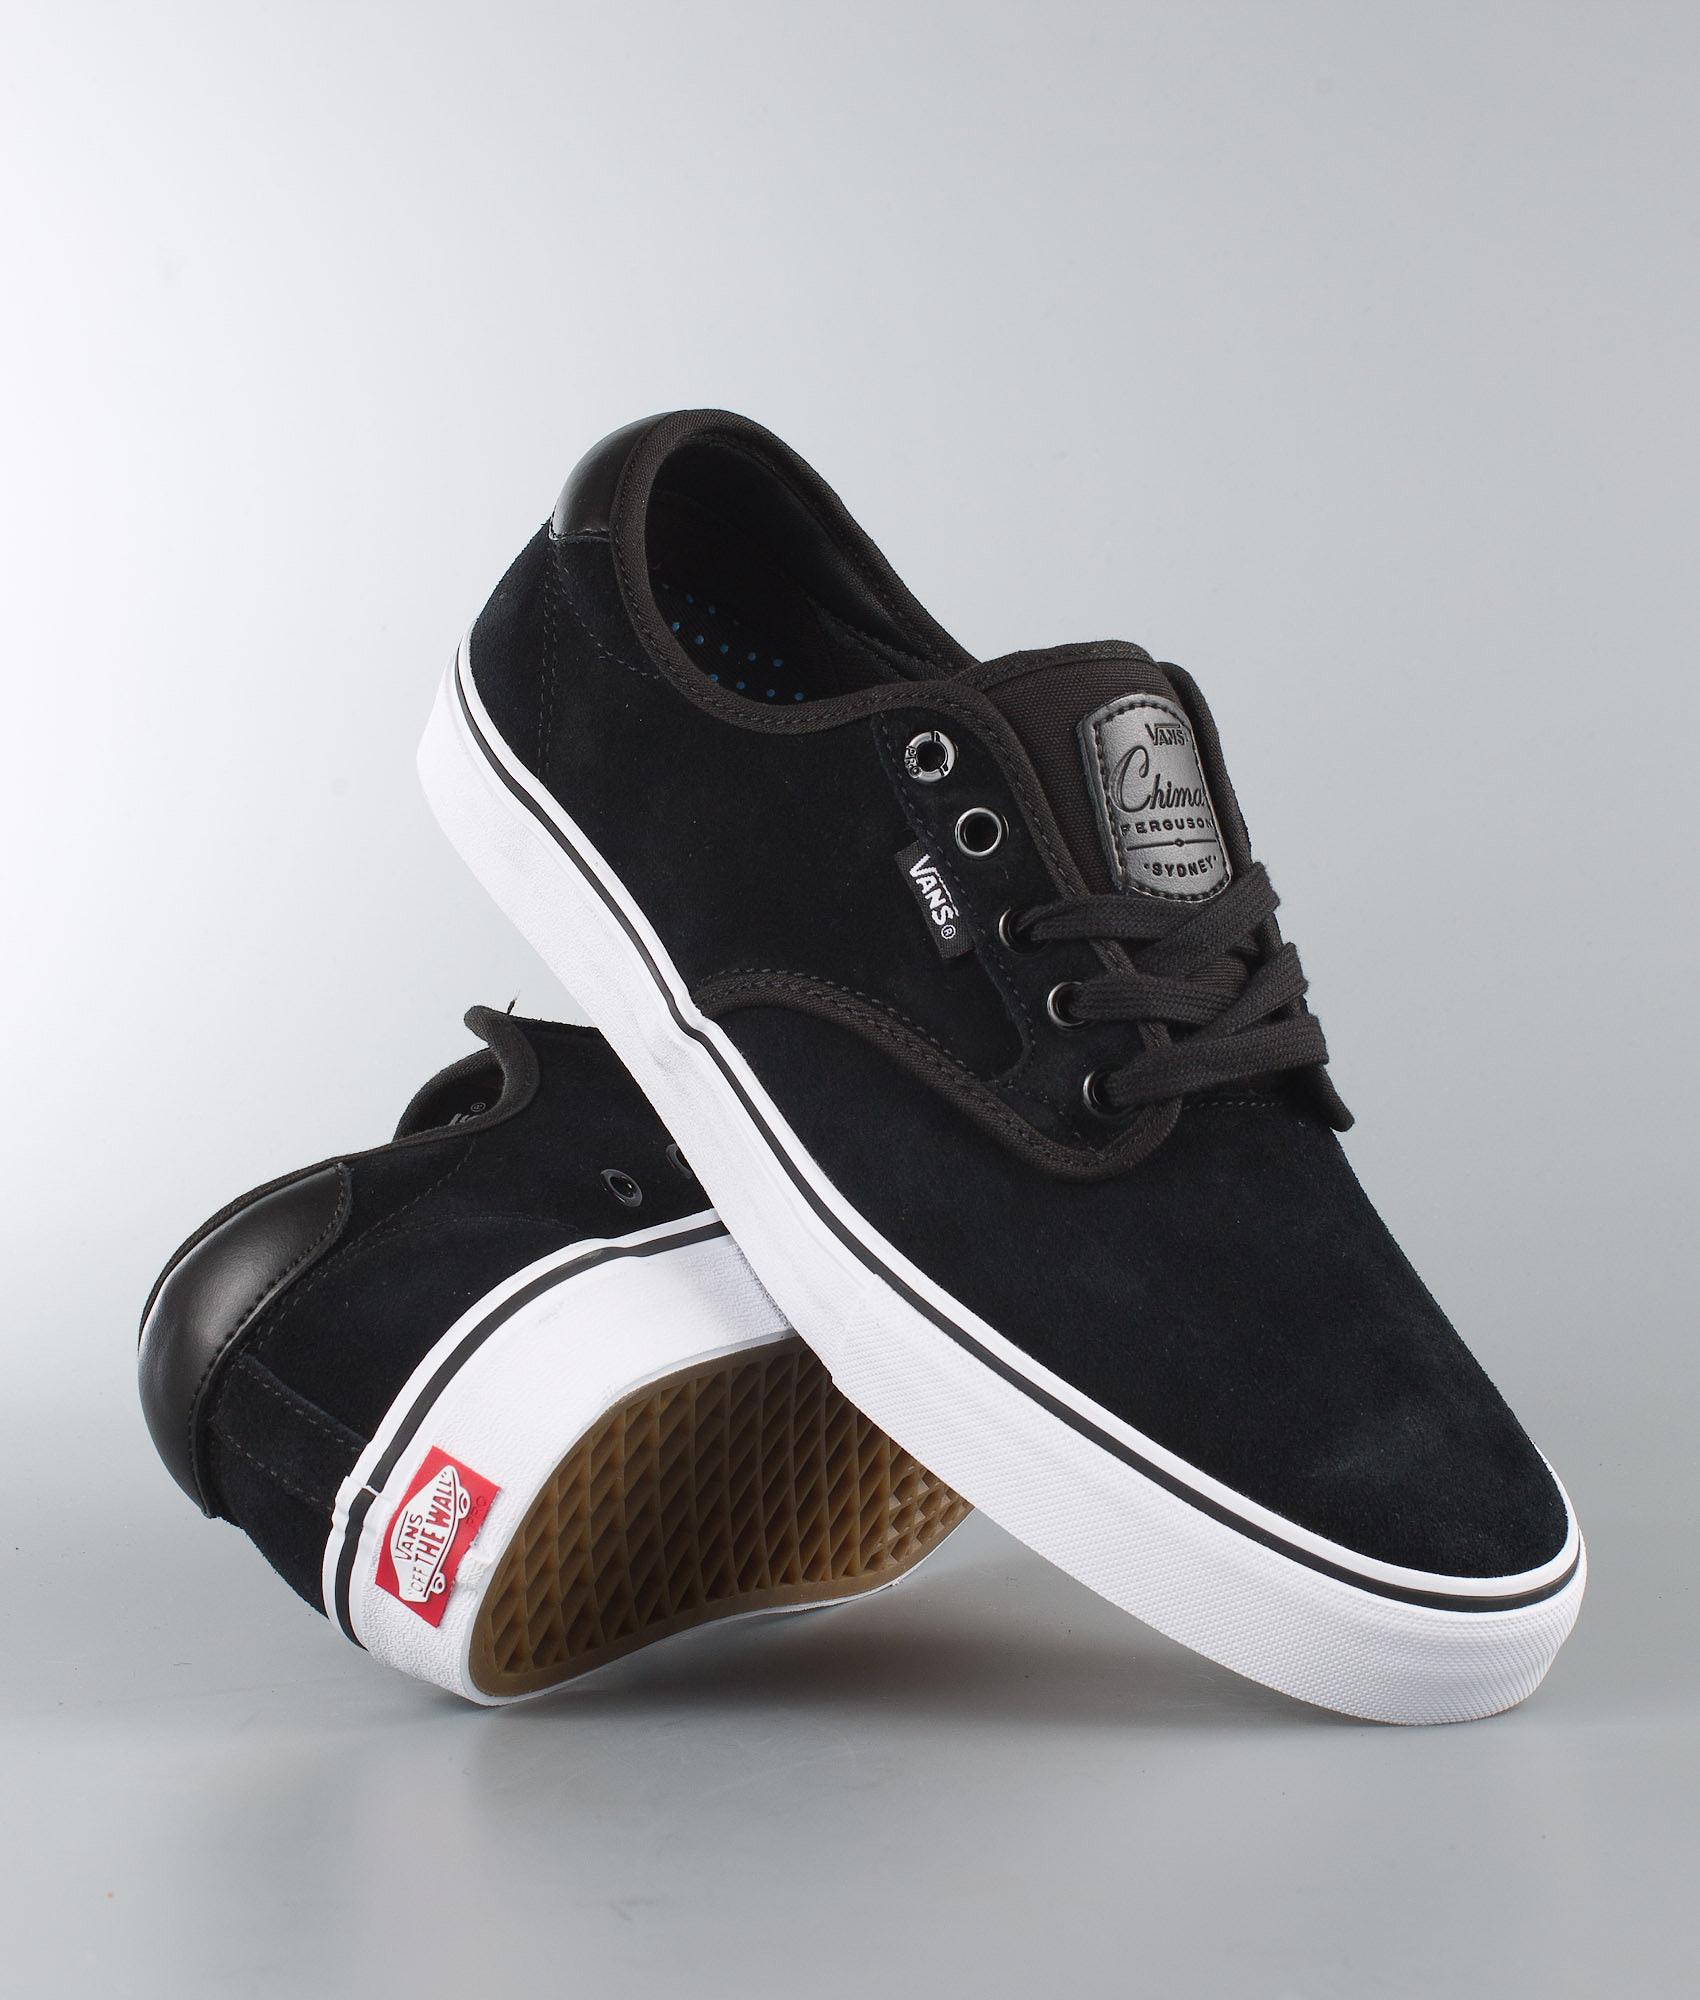 Vans Chima Ferguson Pro Shoes (Suede) Black White - Ridestore.com cb8d9c89c18e